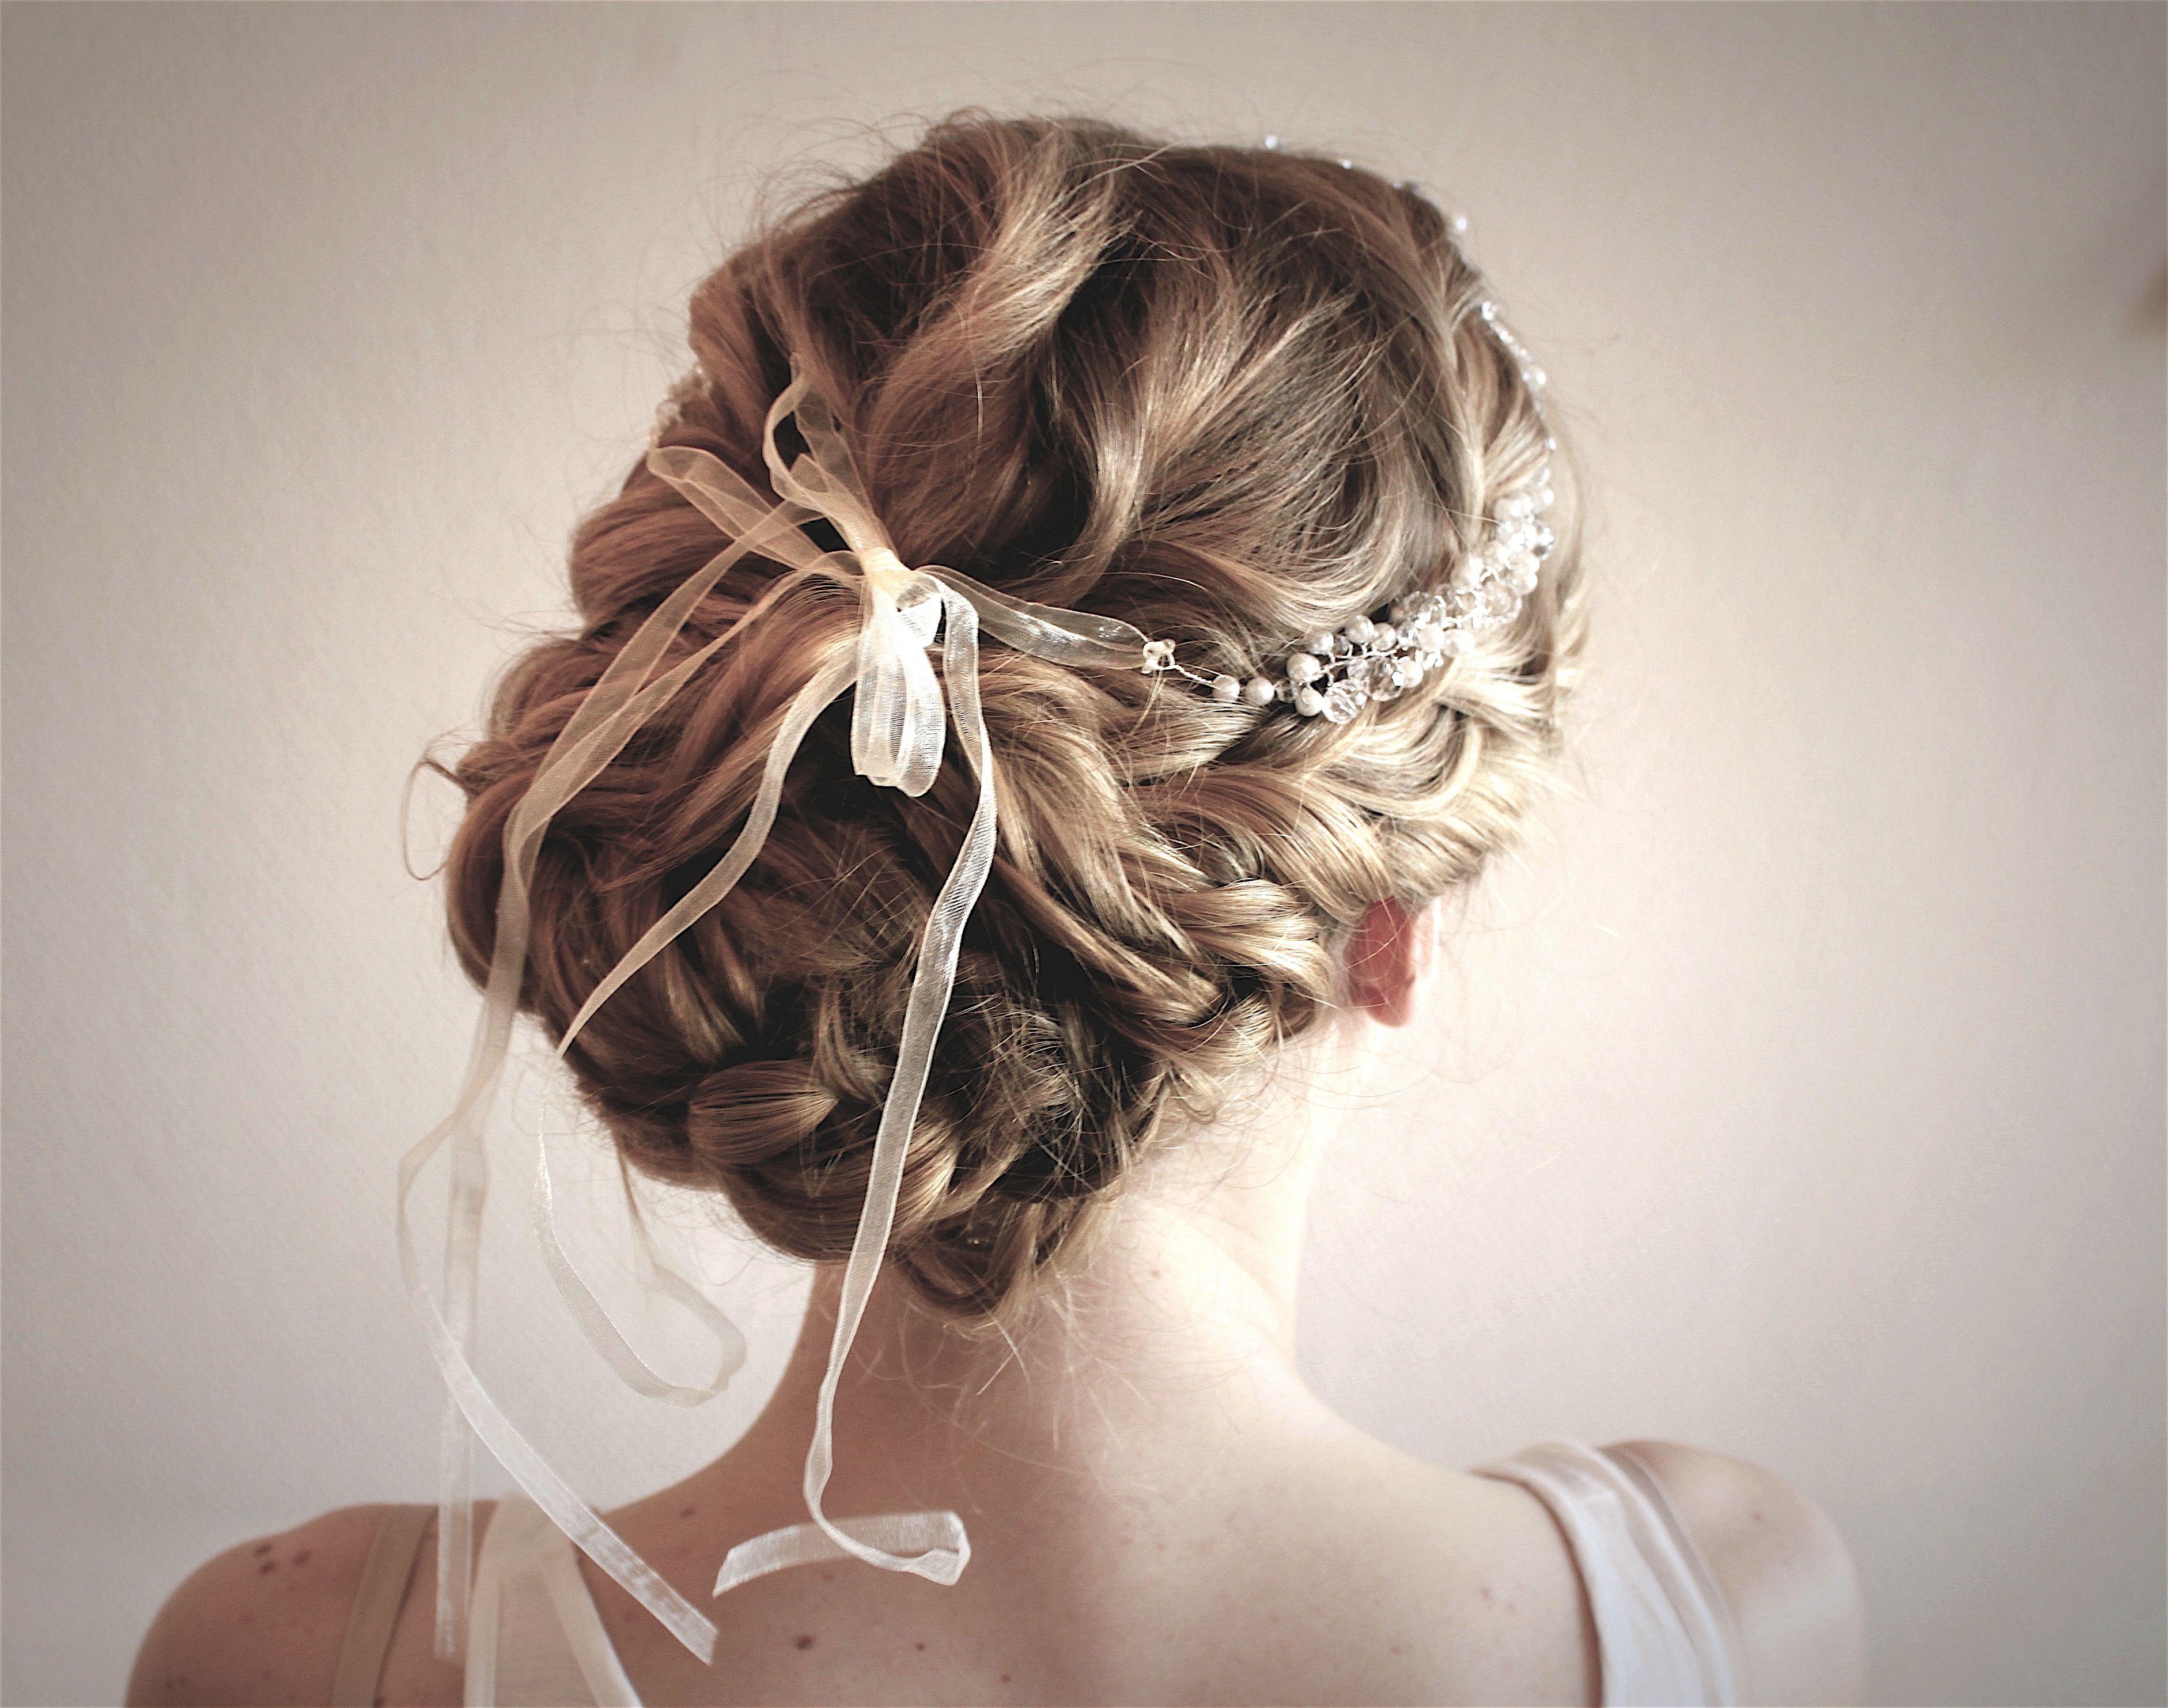 Updo hairstyle weddinghair Brautfrisur mit Haarschmuck im ...